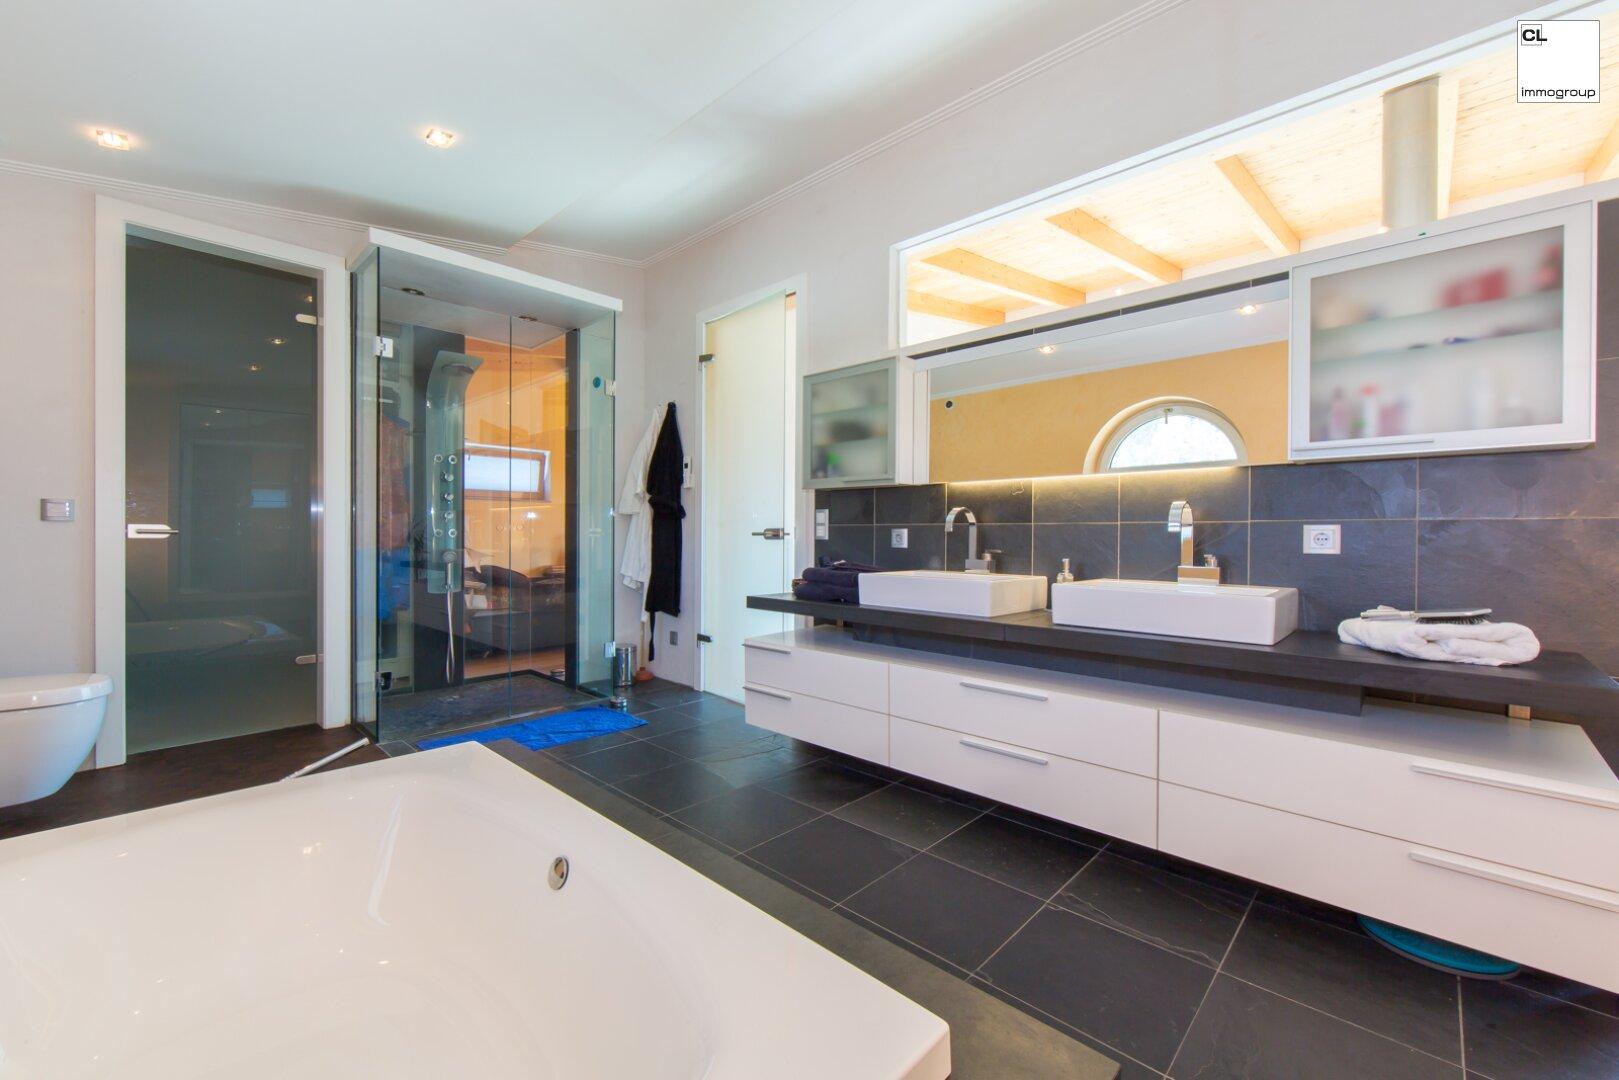 Herrliches Badezimmer mit Doppelwaschbecken